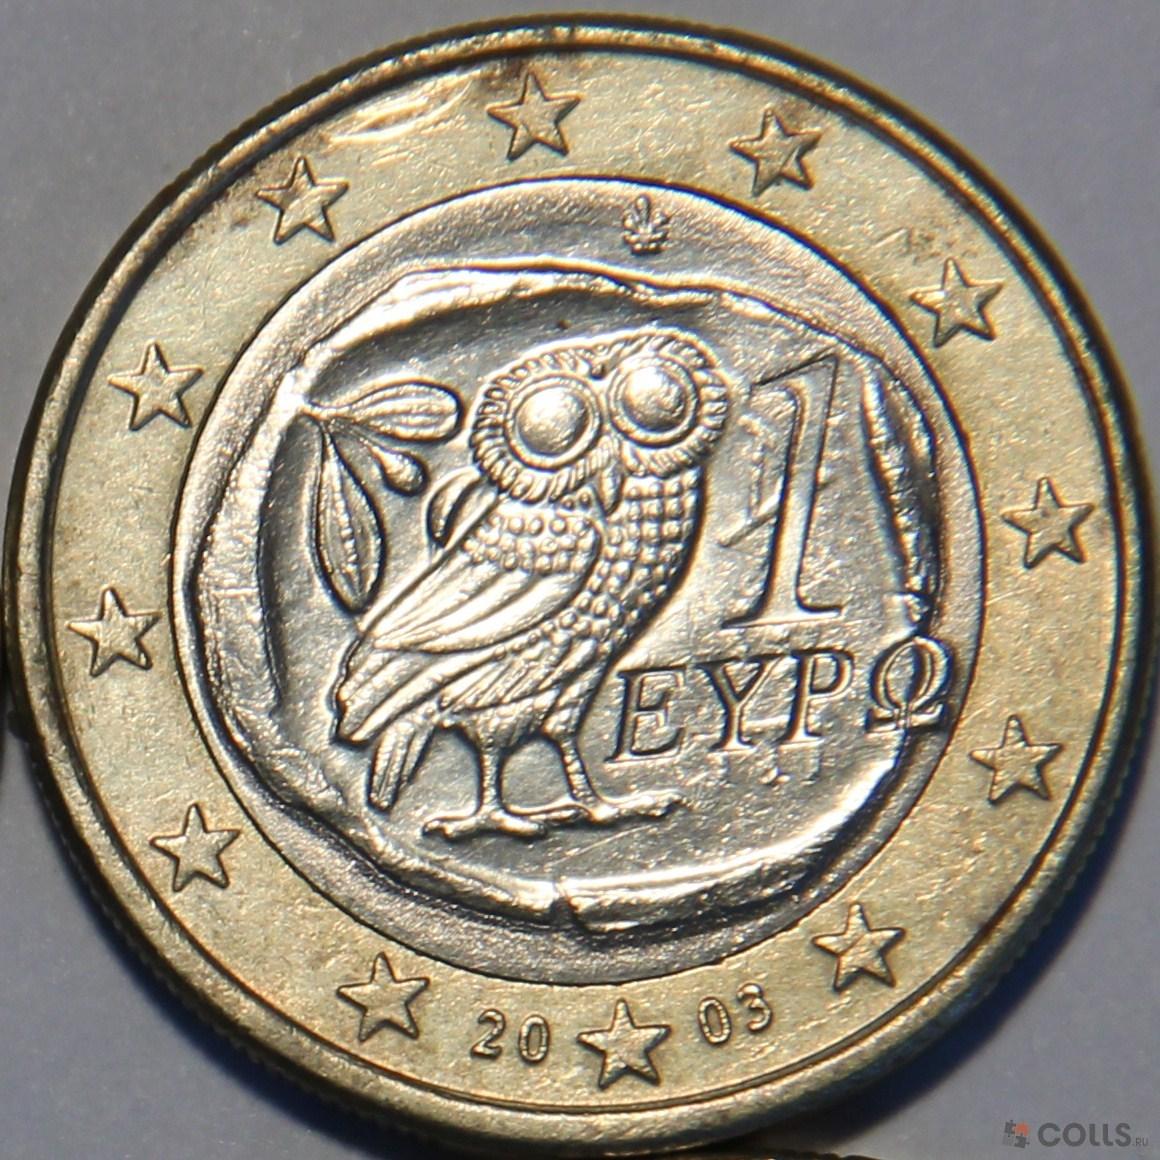 1 um монета страна новая денежная купюра в россии